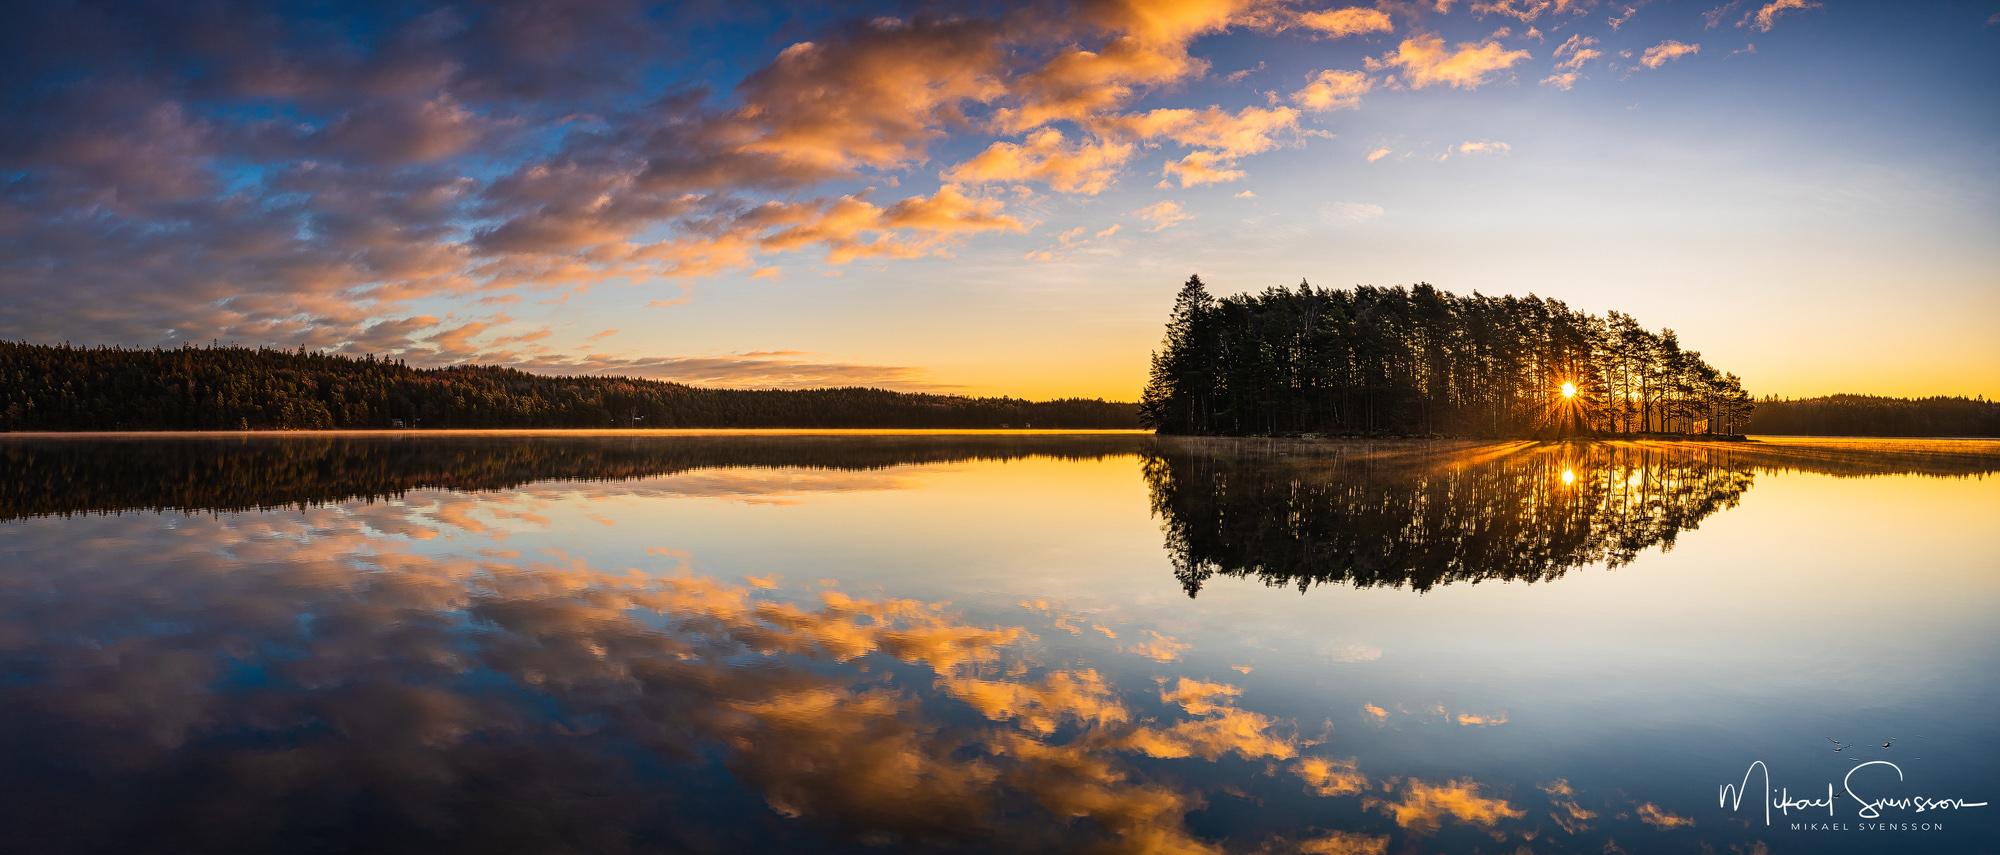 Soluppgång vid Finnsjön, Härryda kommun